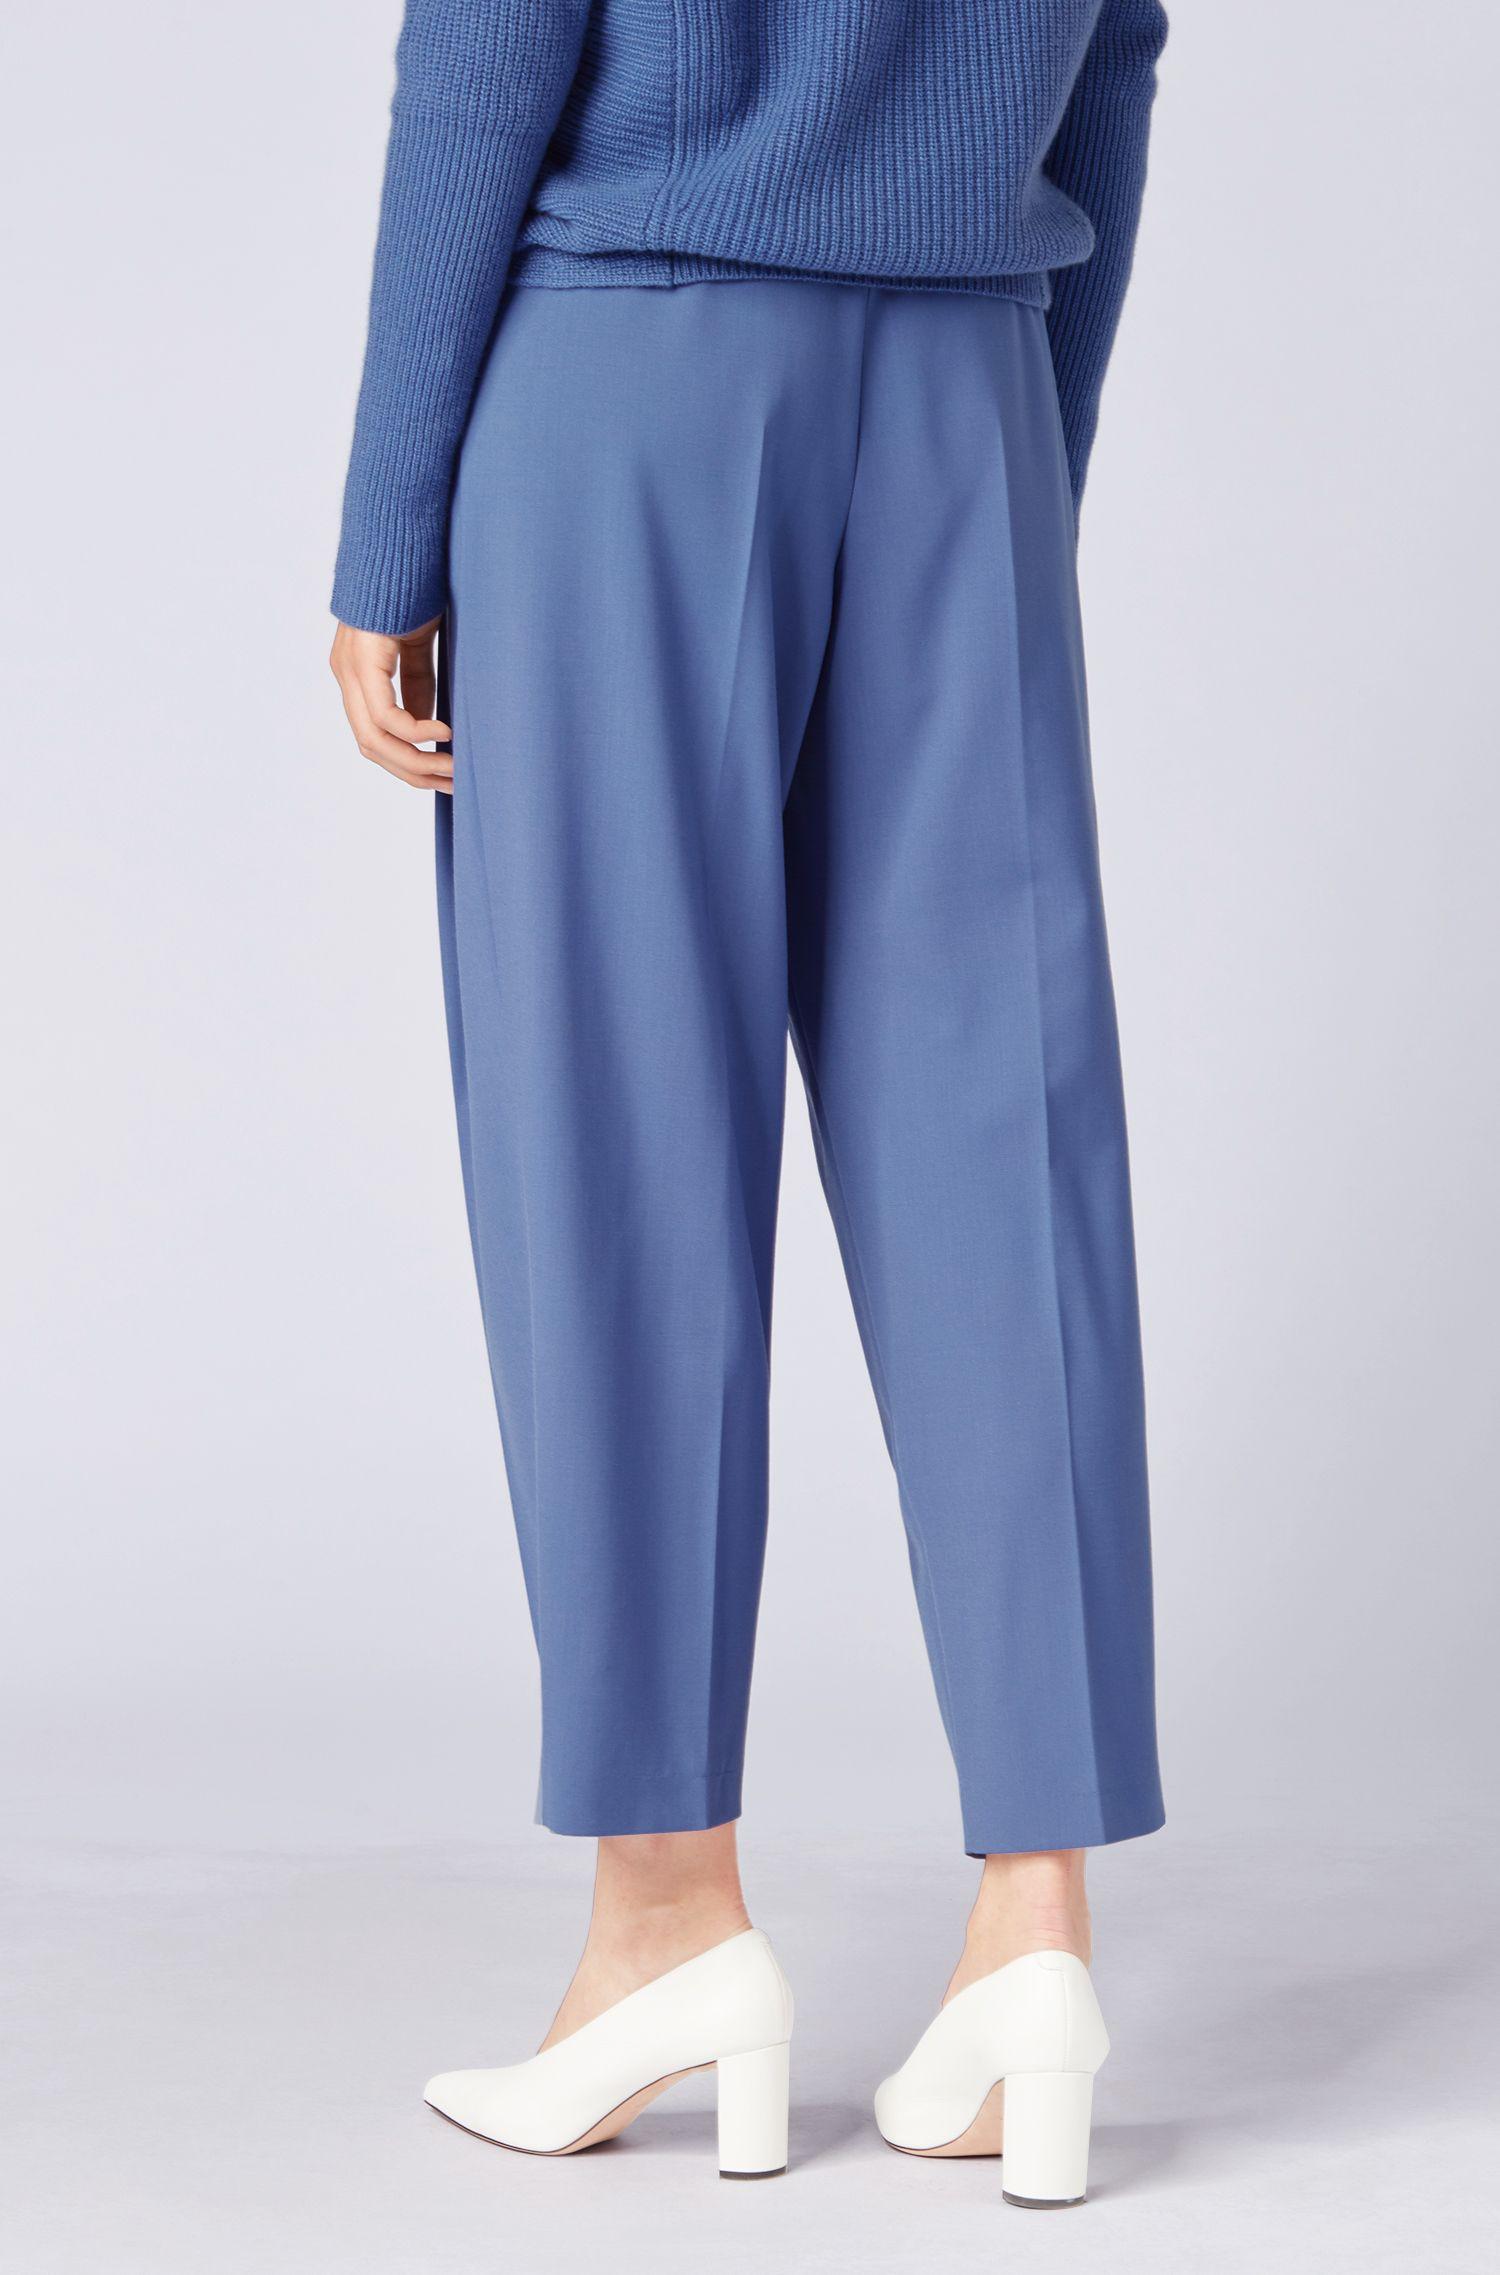 Pantaloni relaxed fit alla caviglia in twill di lana vergine realizzata in Italia, Blu